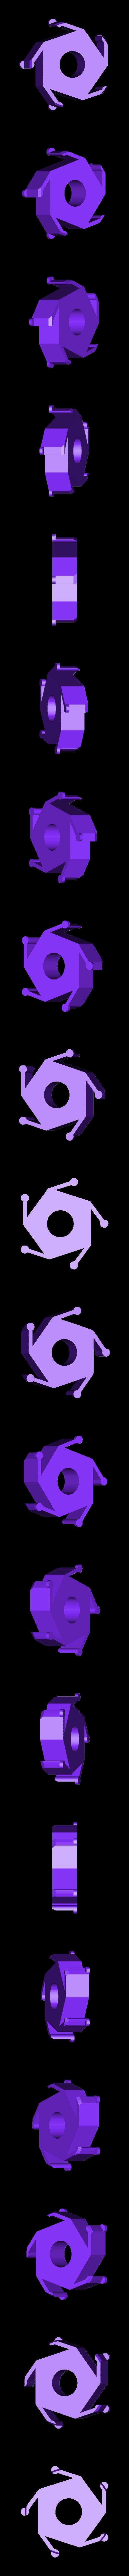 spool_adapter_v1-4_right20170115-11635-2jobhz-0.stl Télécharger fichier STL gratuit Adaptateur de moyeu de bobine de 15 mm • Design pour impression 3D, Knaudler